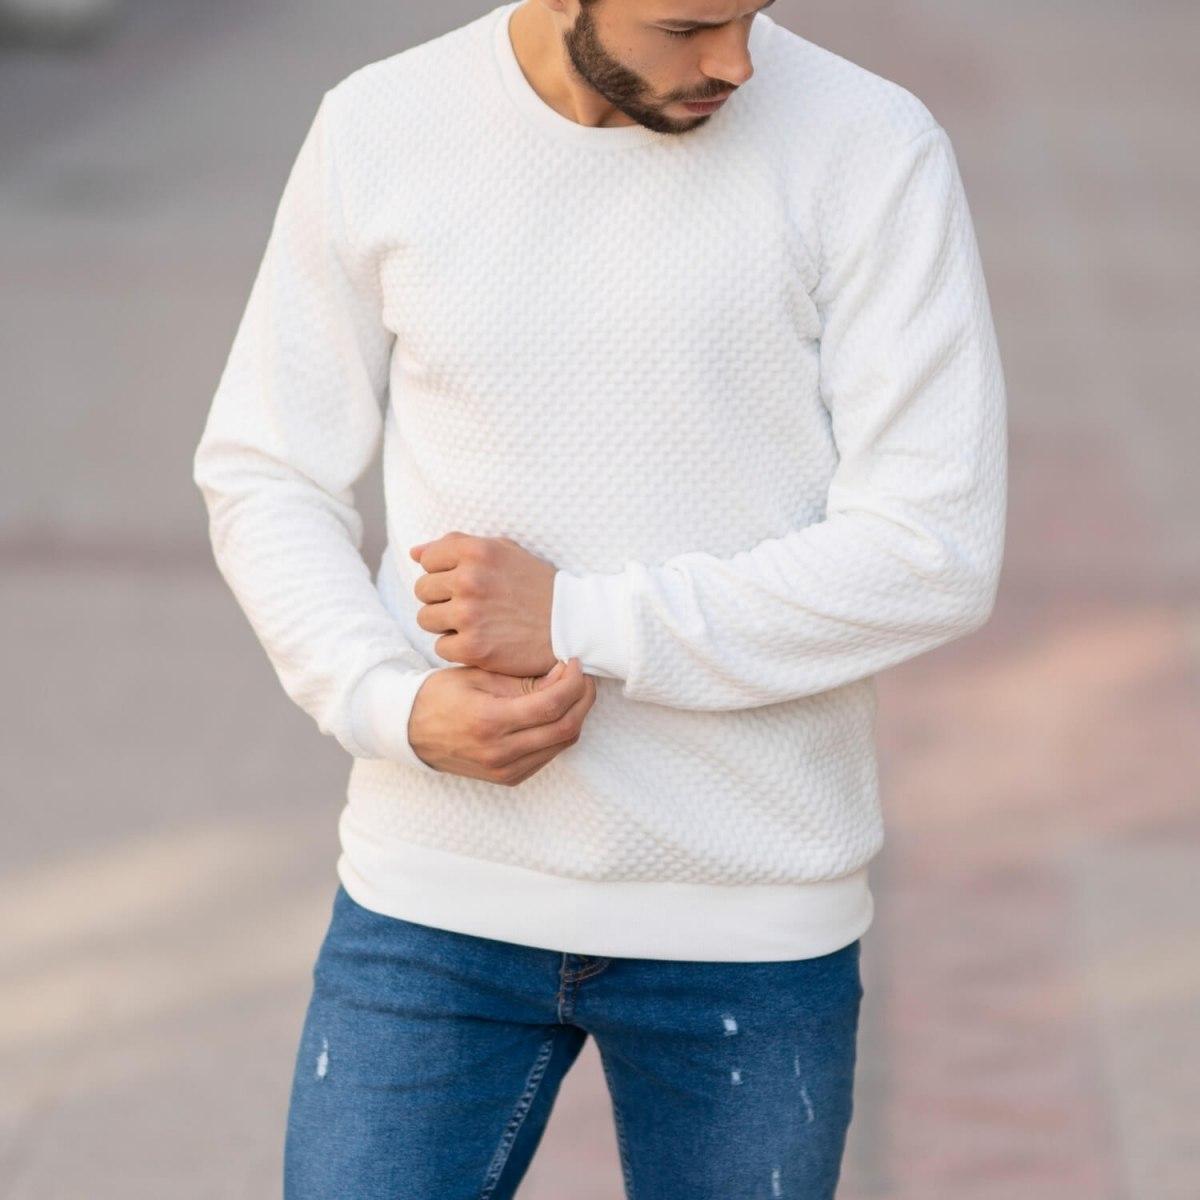 Casual SweatShirt in White Mv Premium Brand - 1